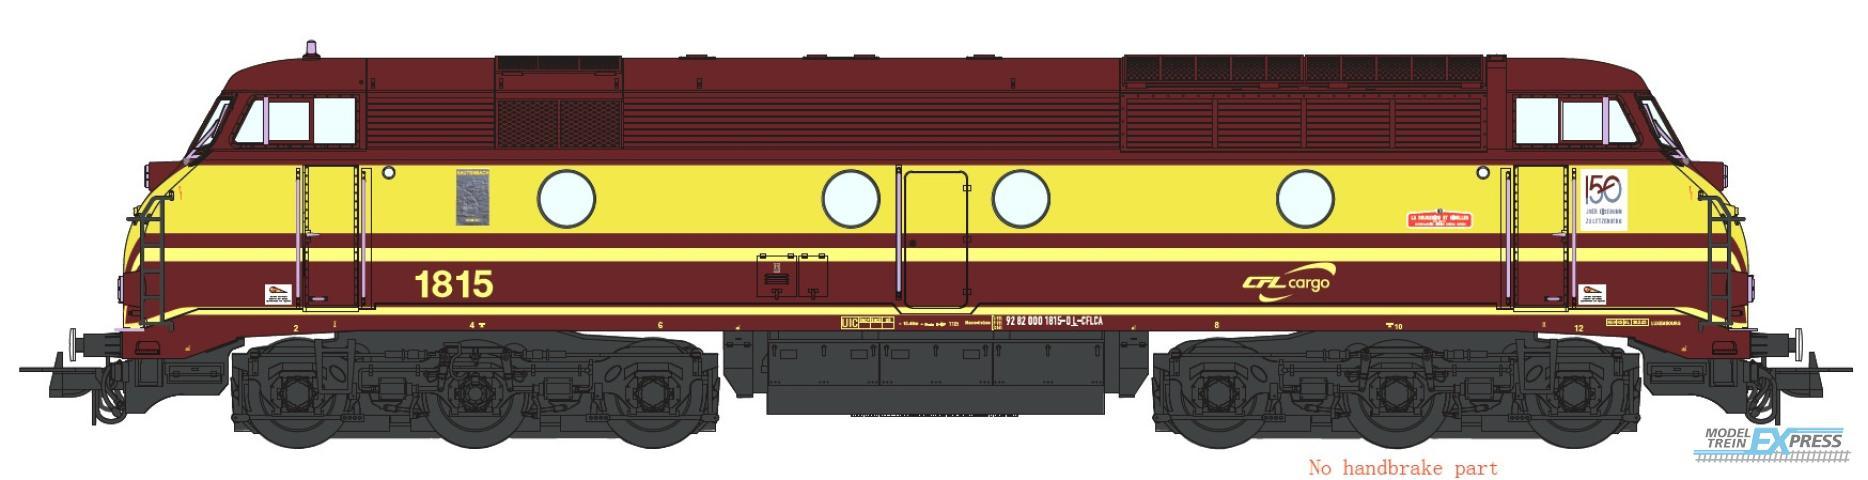 B-Models 21.207